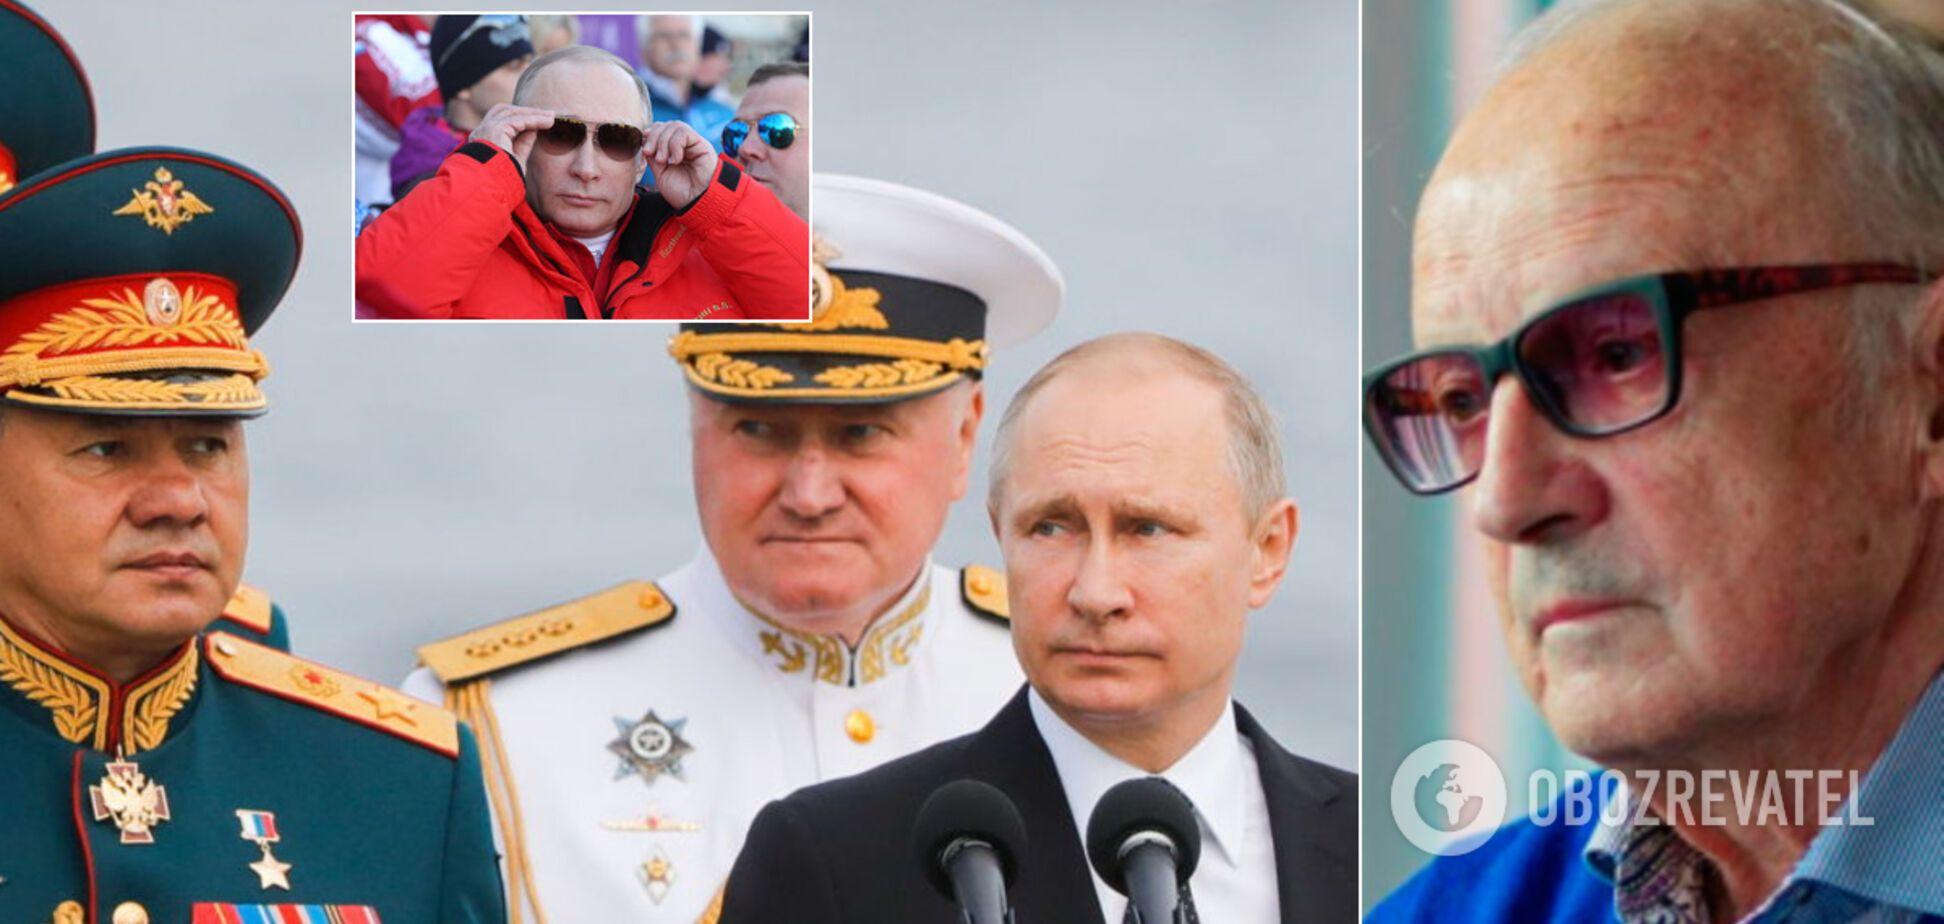 Путіна можуть оголосити мертвим. Україна у небезпеці. Інтерв'ю з російським опозиціонером Піонтковським